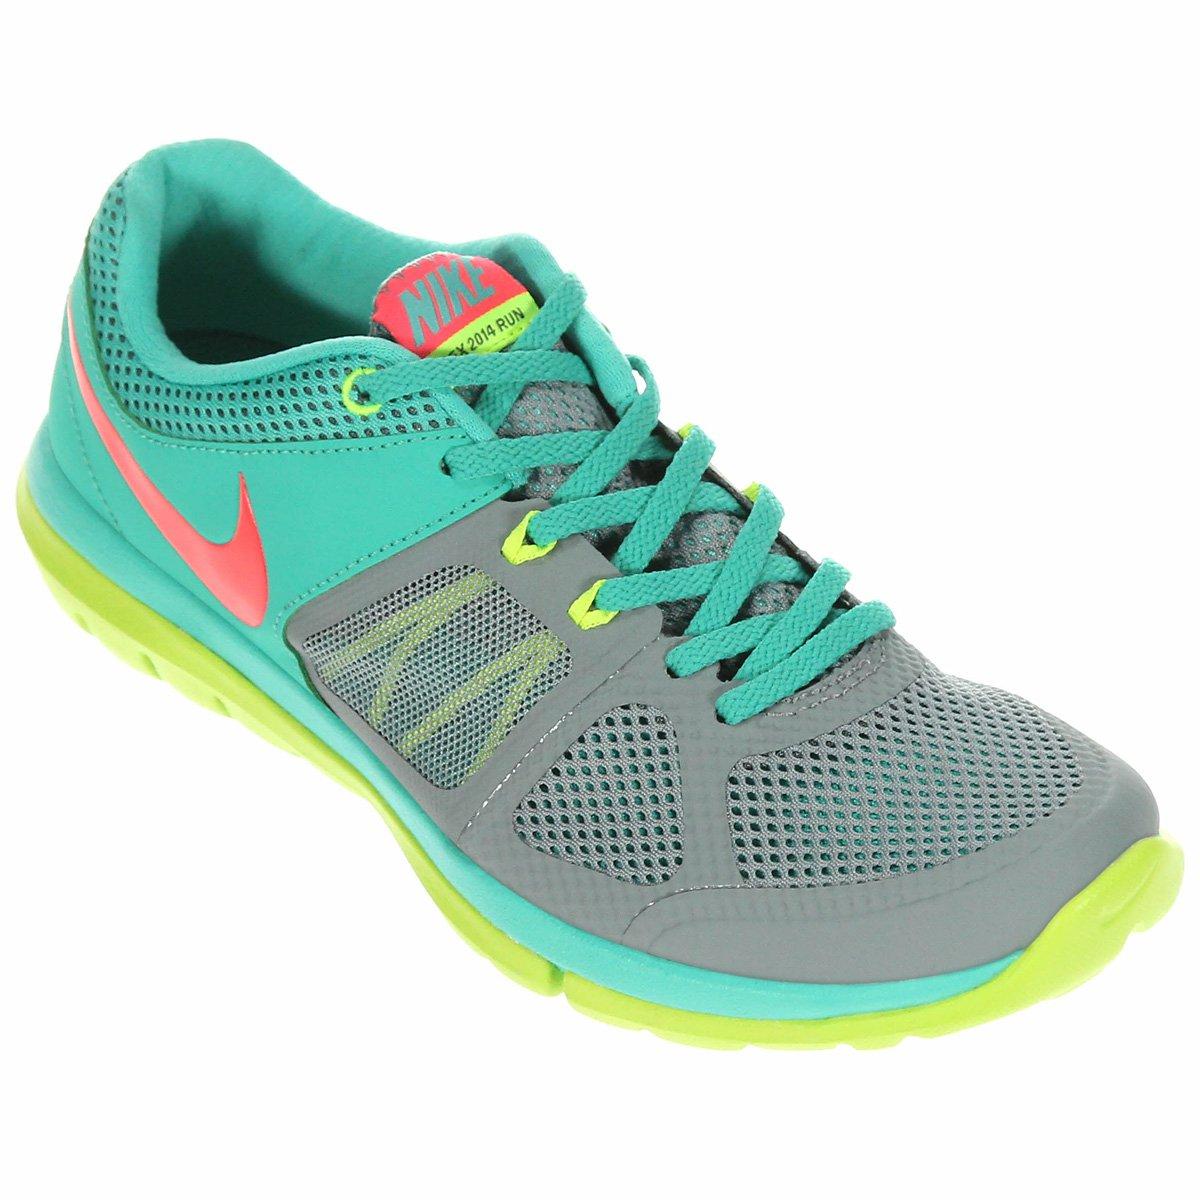 86041c61e2261 Tênis Nike Flex 2014 RN MSL - Compre Agora